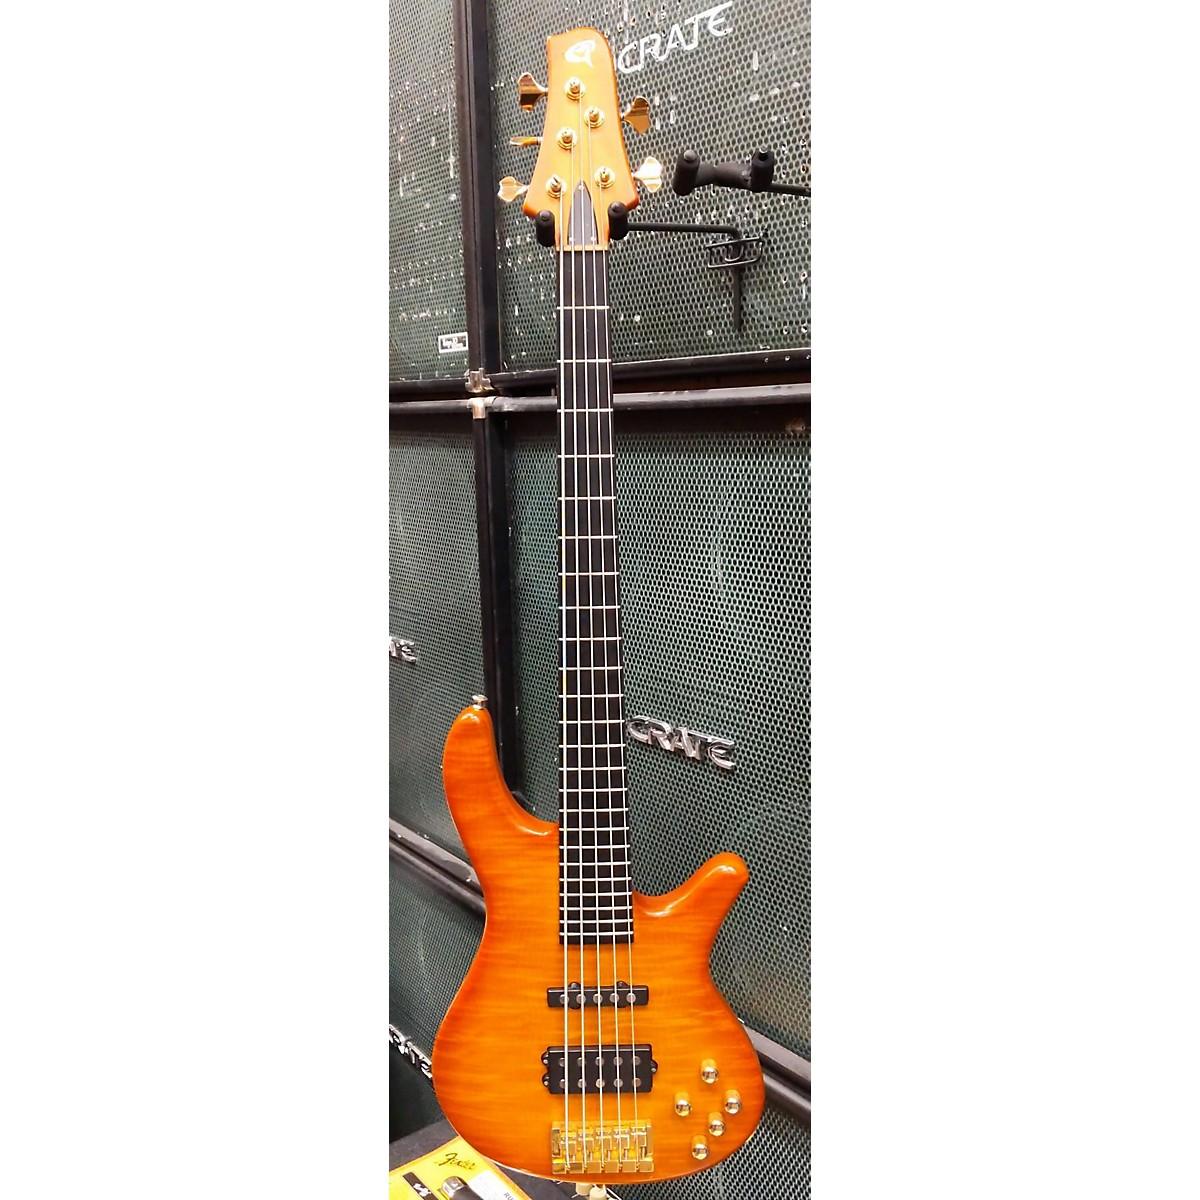 Godlyke Deity 5 Electric Bass Guitar